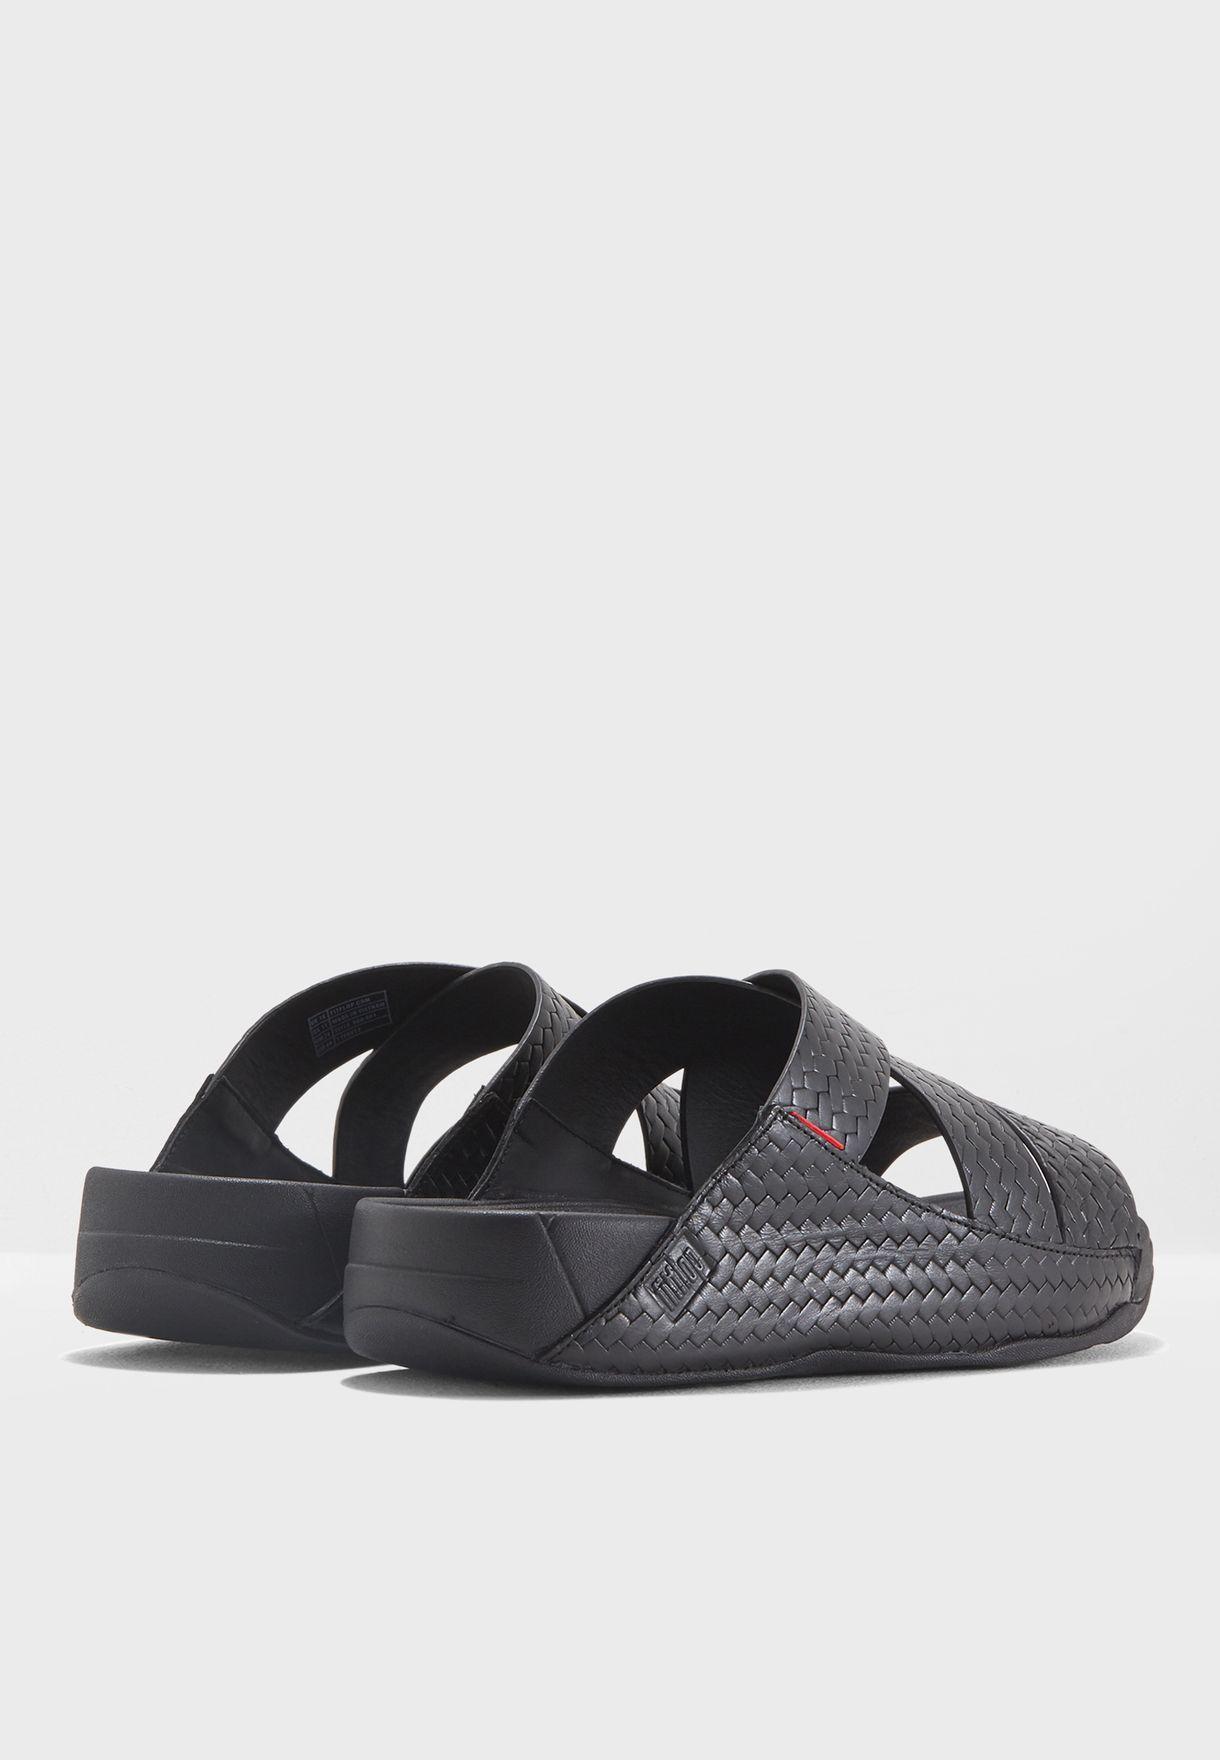 0ddd5f623b5b Shop Fitflop black Woven Arabian Sandals K88-001 for Men in UAE ...